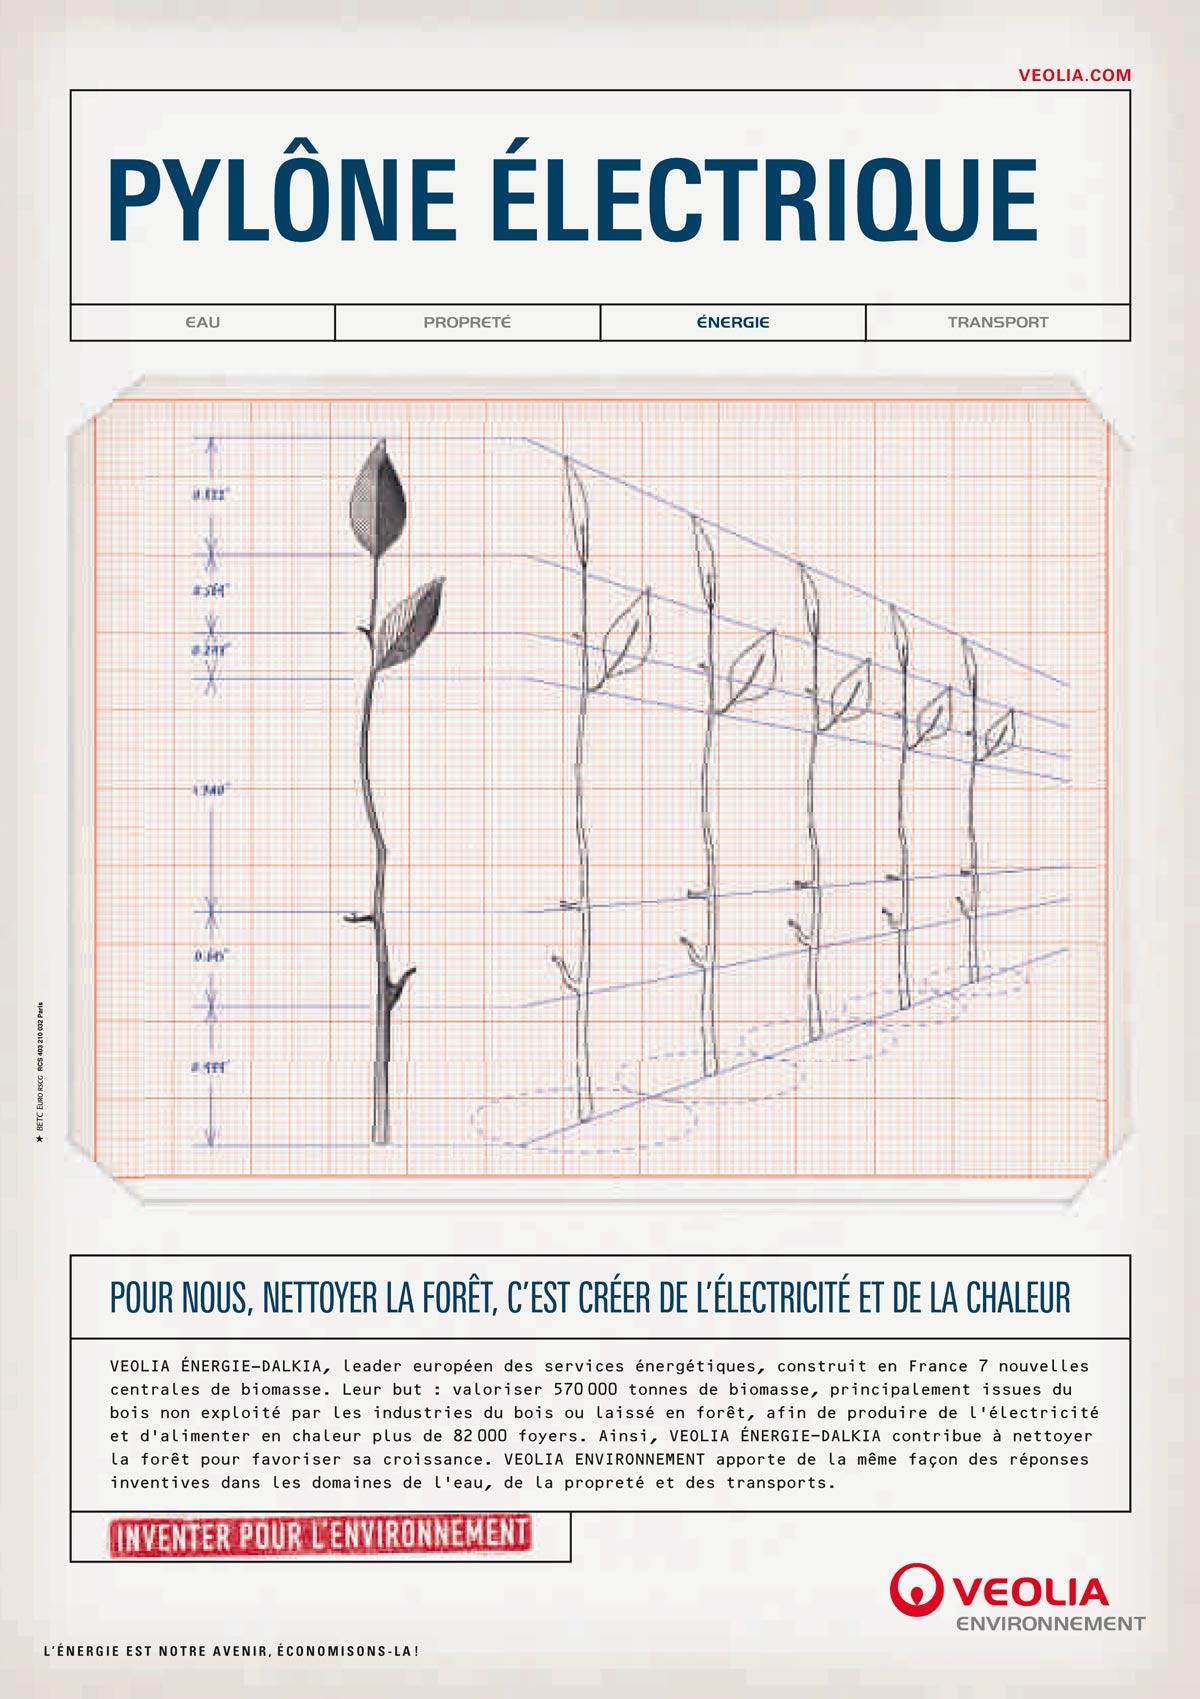 campagne veolia betc ich&kar- Pylône électrique. pour veolia nettoyer la foret c'est créer de l'électricité et la chaleur